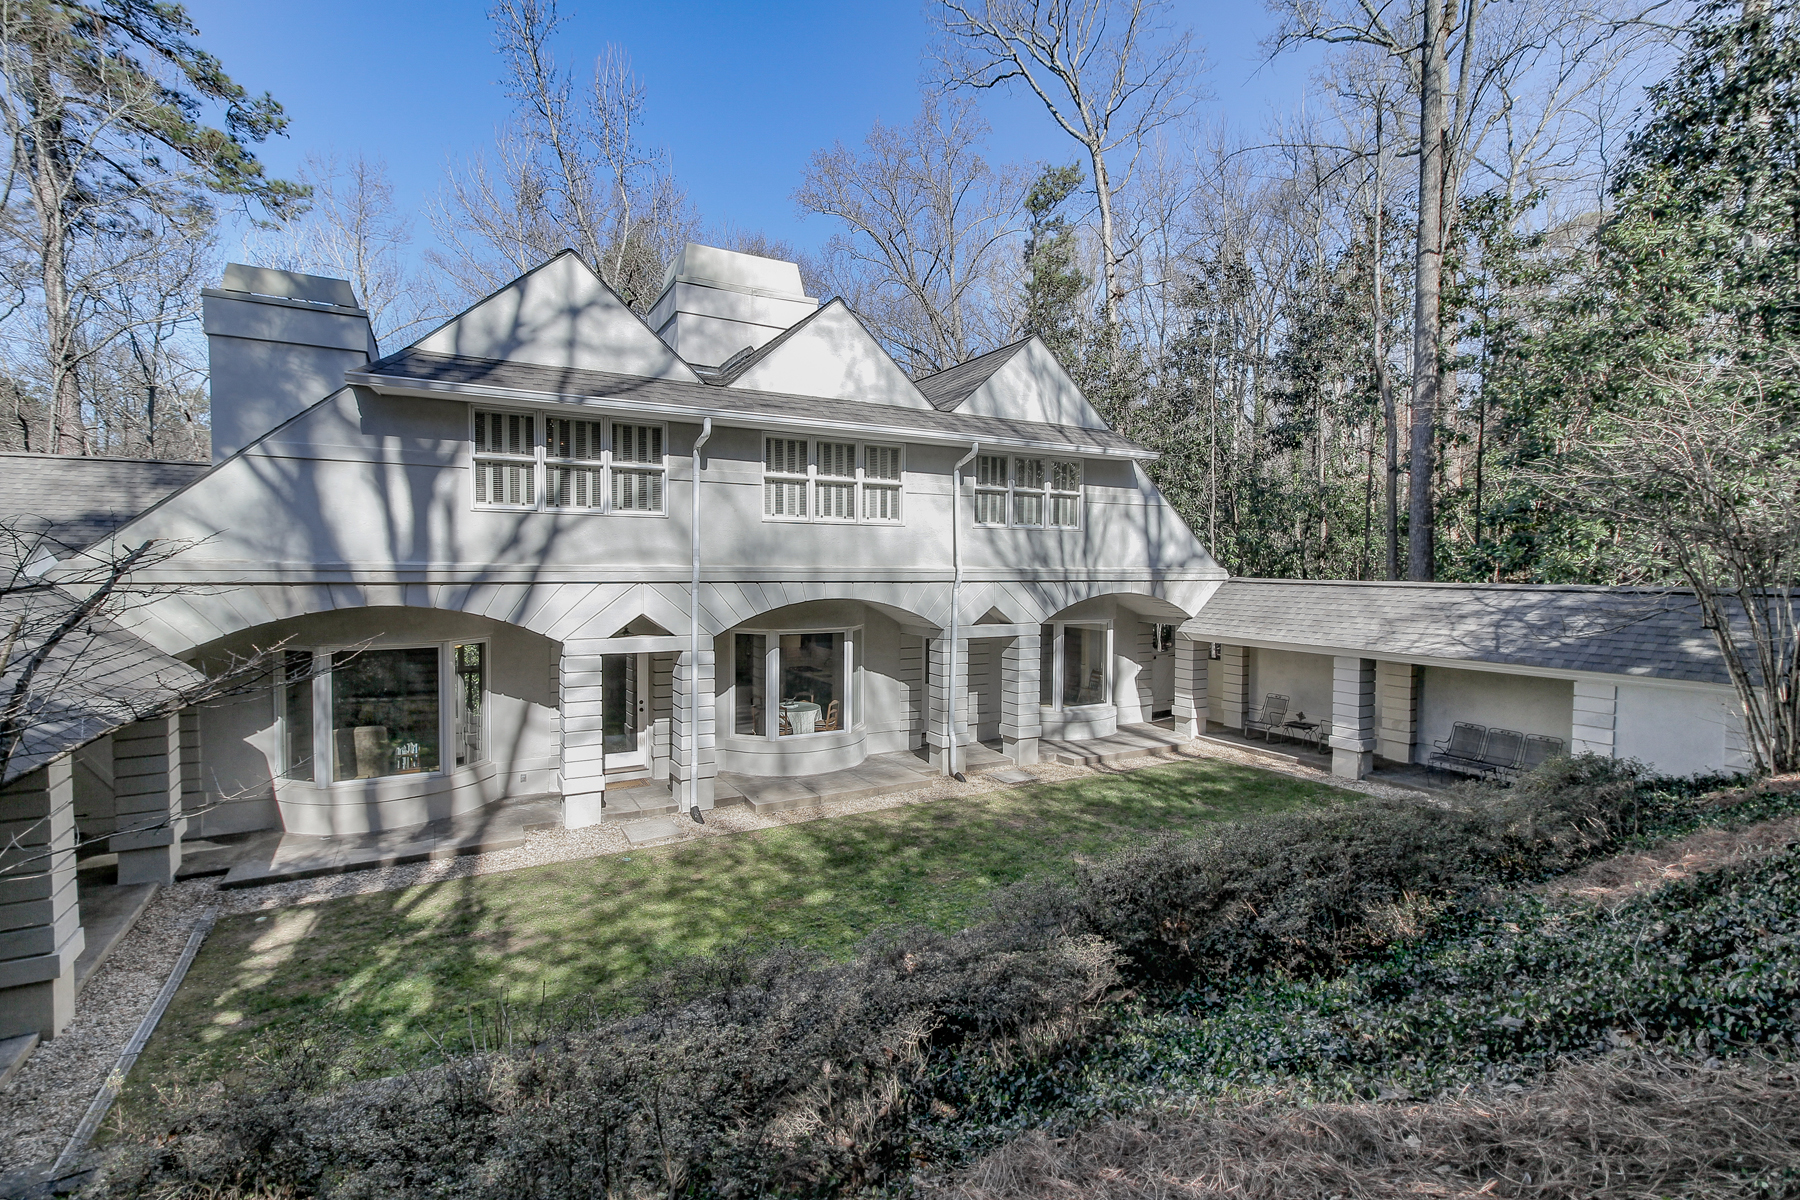 Maison unifamiliale pour l Vente à Architectural Mountain House Masterpiece In Buckhead 7 W Wesley Ridge Atlanta, Georgia 30327 États-Unis